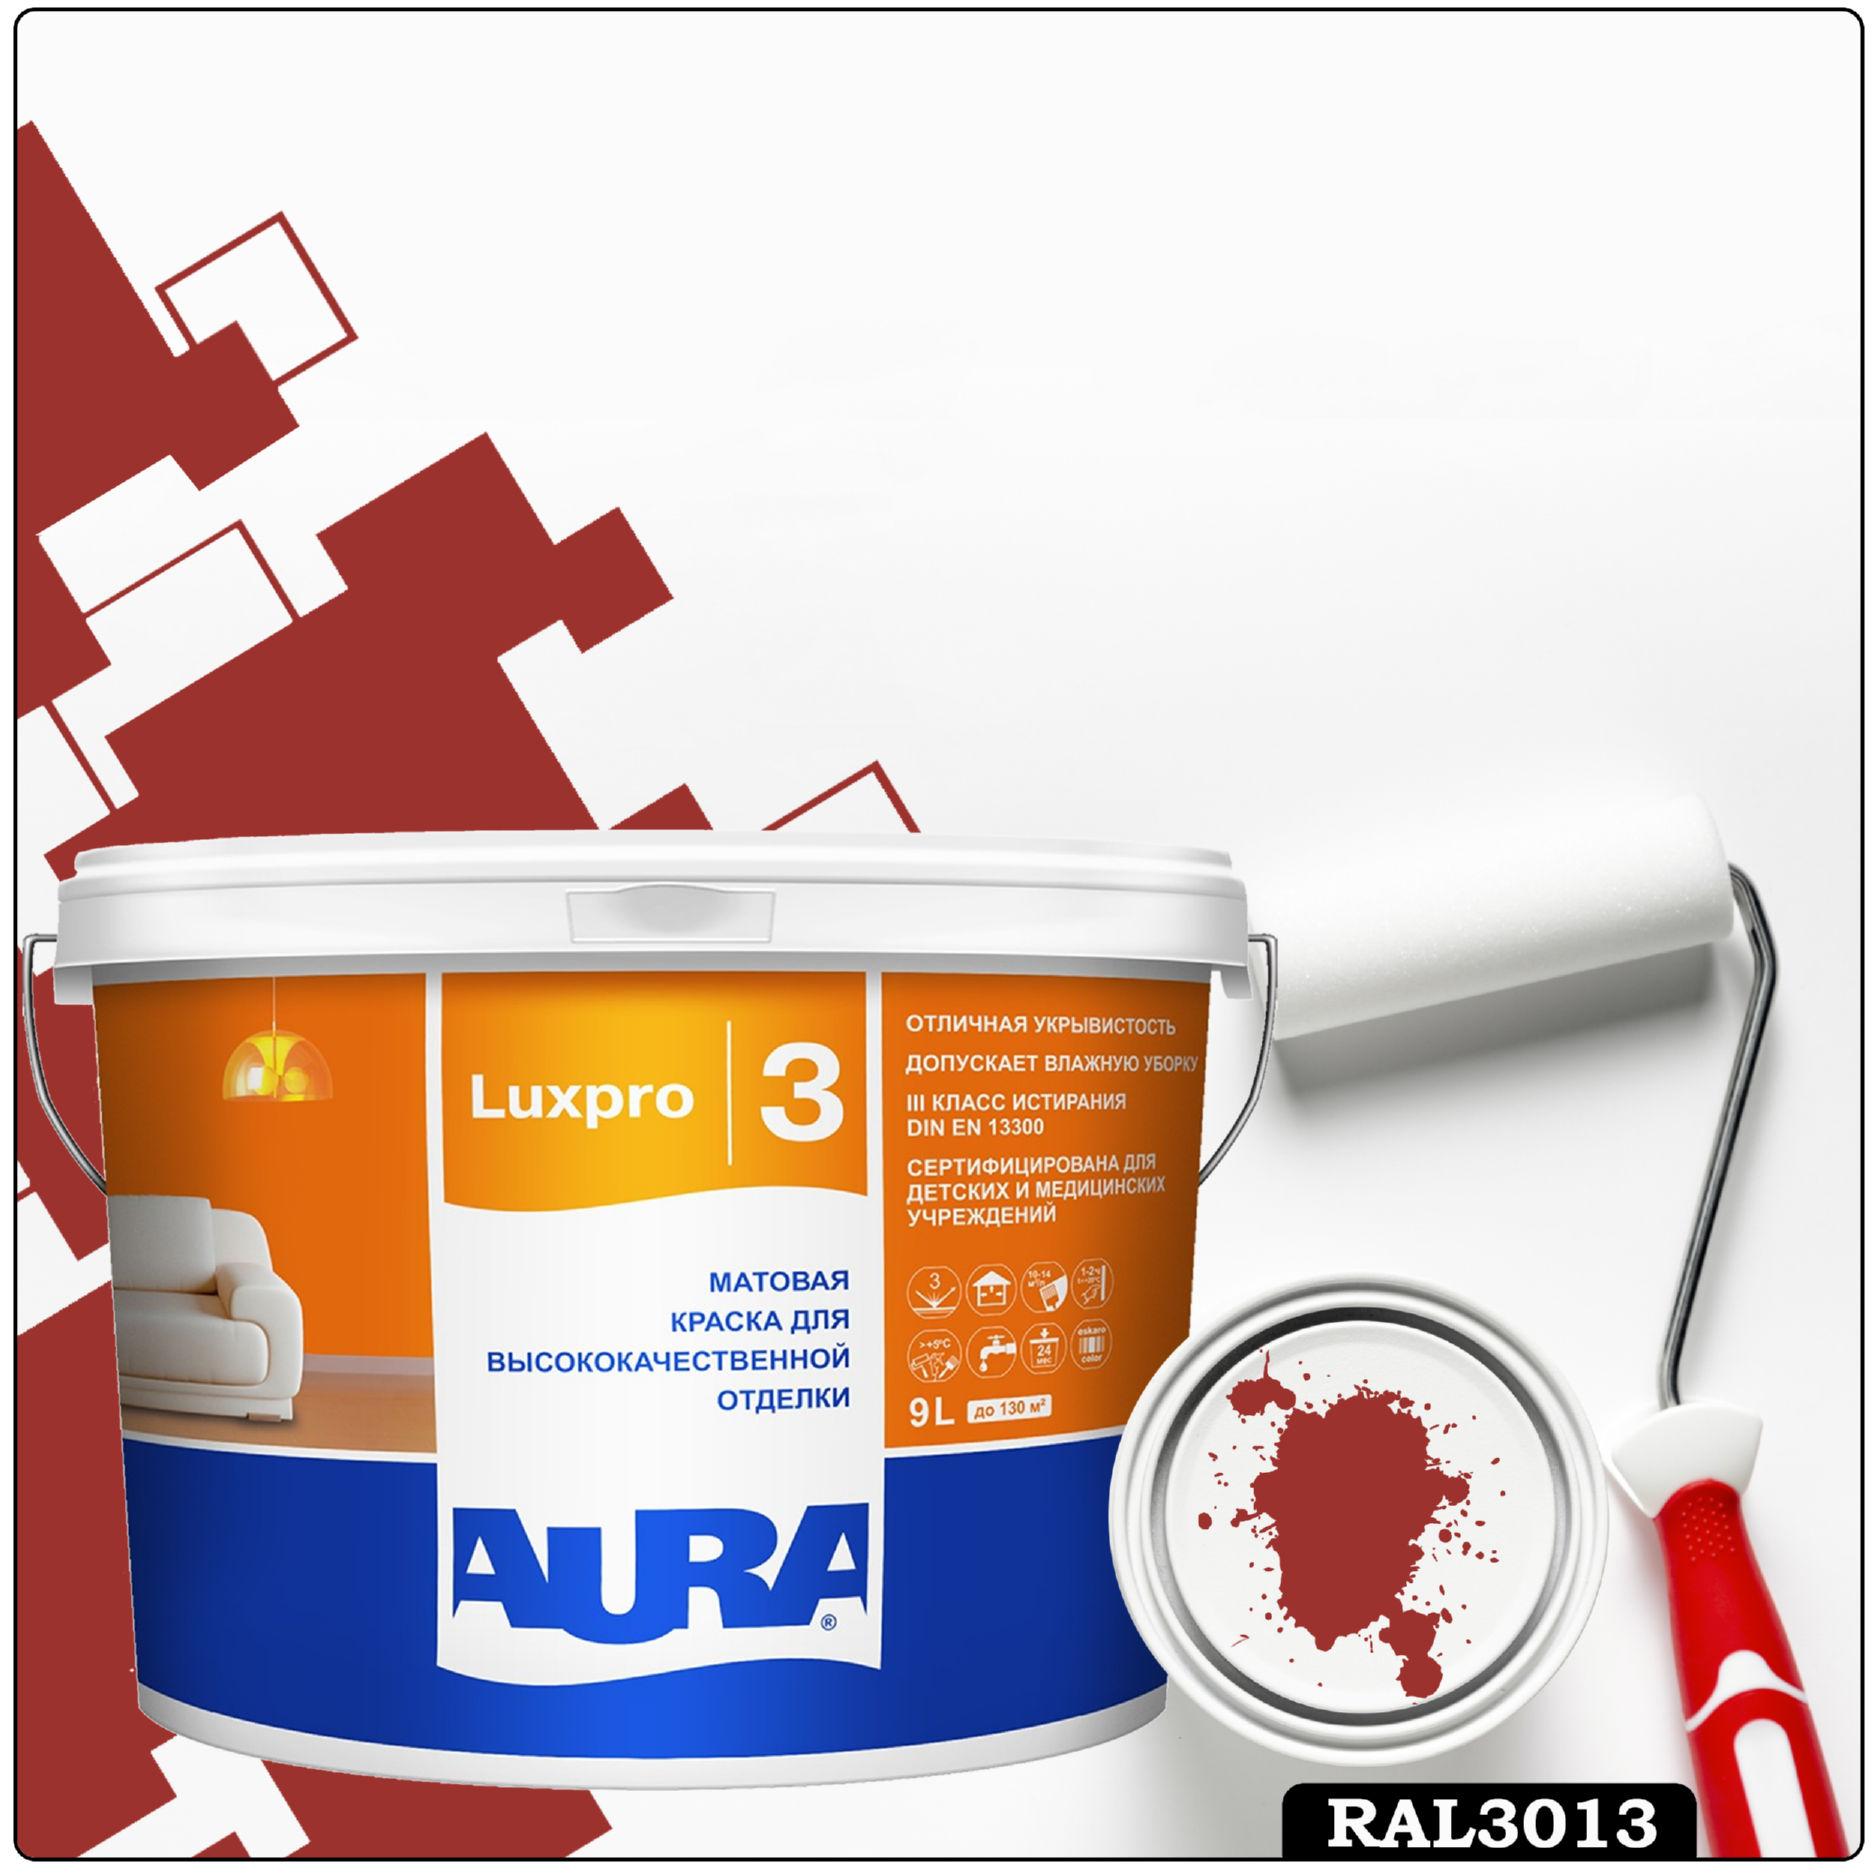 Фото 11 - Краска Aura LuxPRO 3, RAL 3013 Томатно-красный, латексная, шелково-матовая, интерьерная, 9л, Аура.